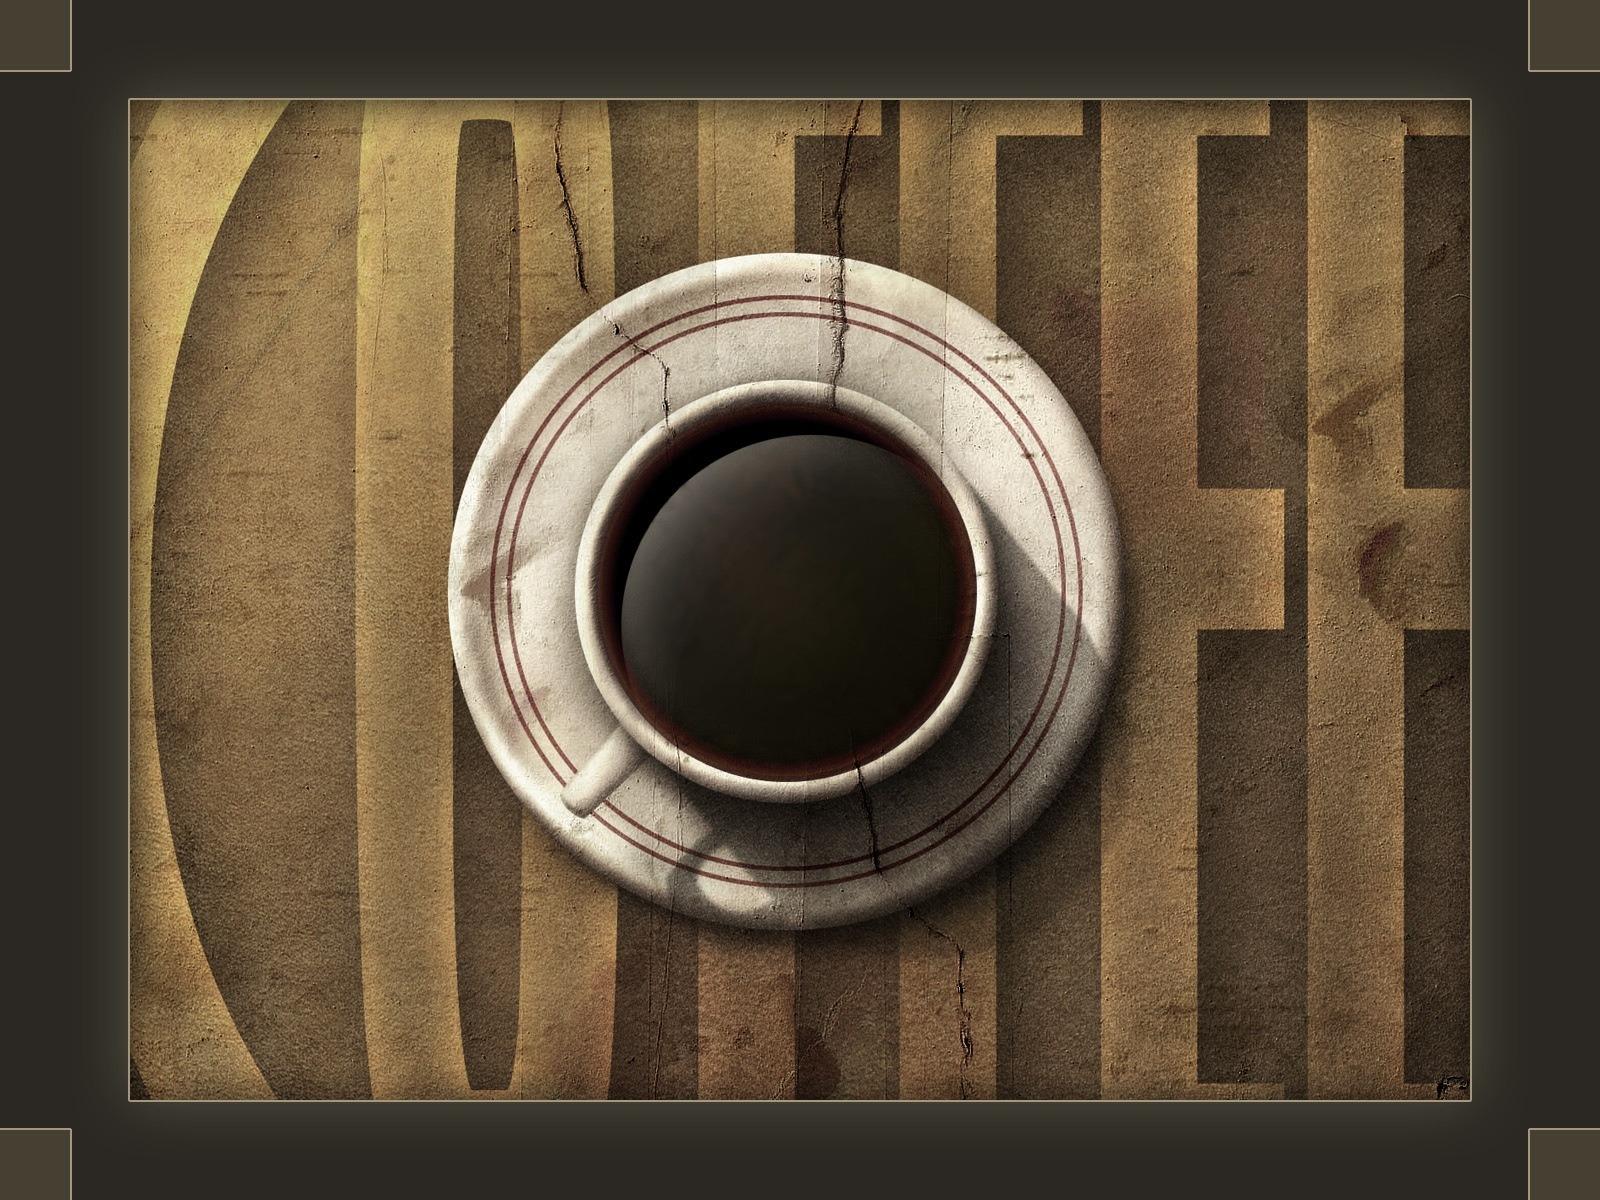 кофе, скачать фото, обои на рабочий стол, coffee wallpaper